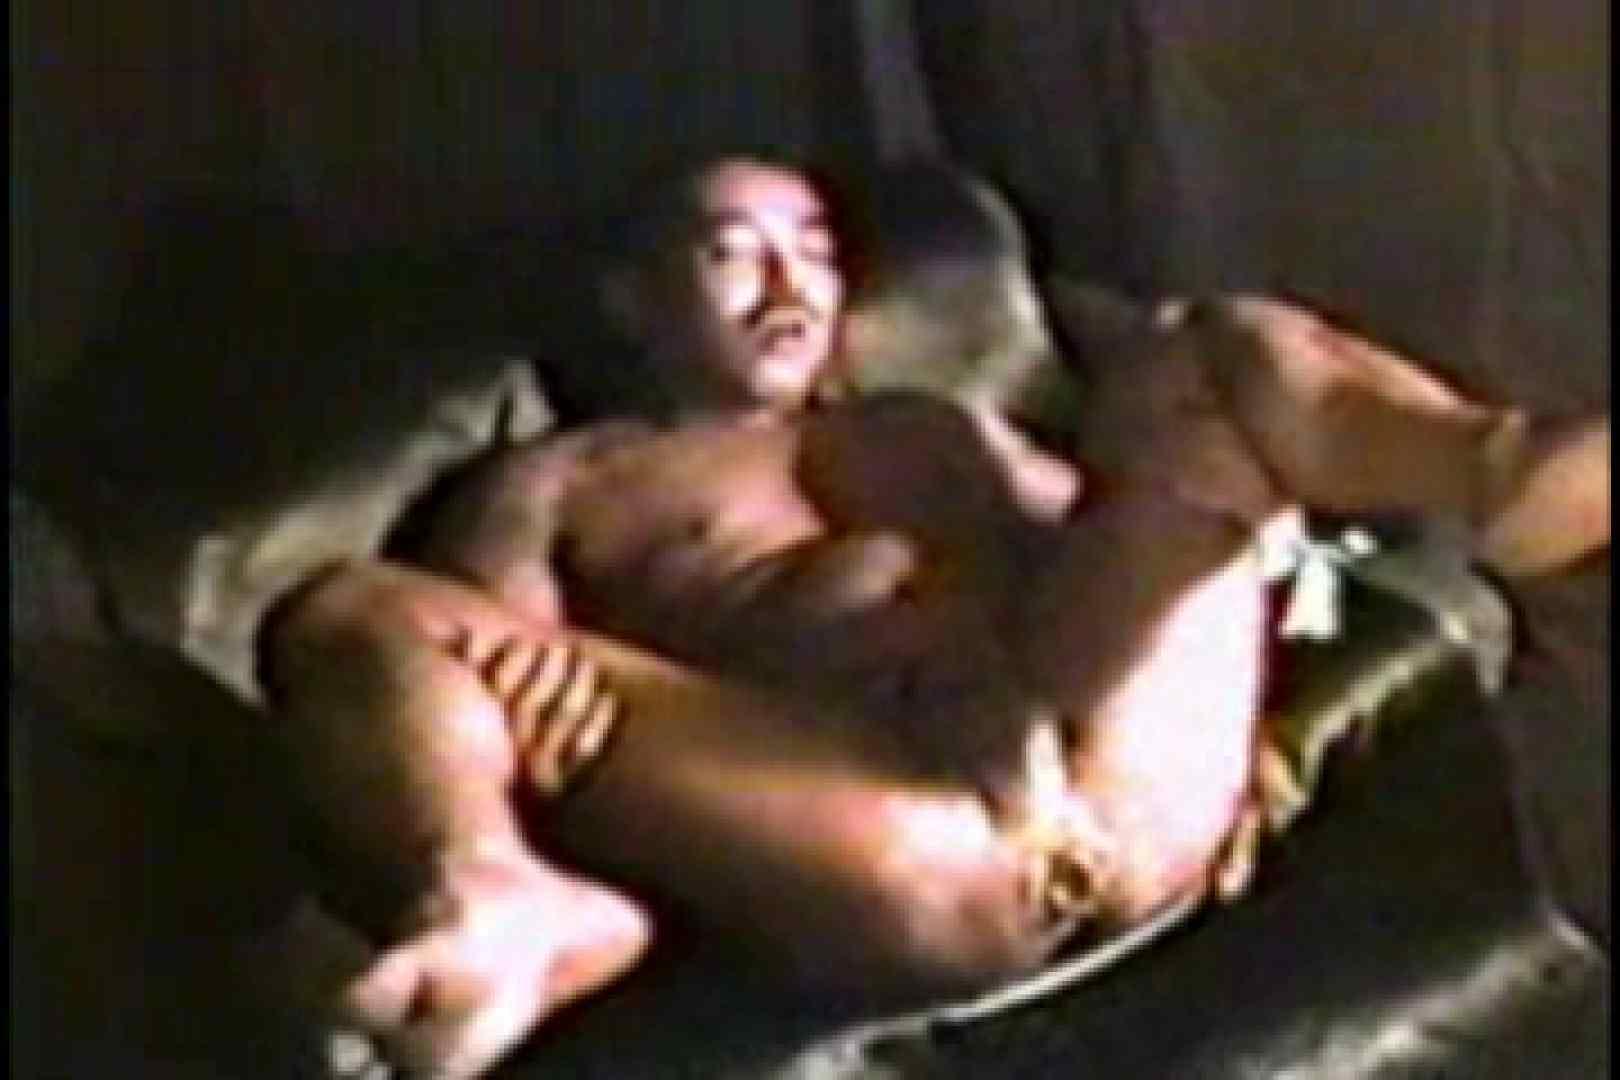 【危】極めたオヤジのフィスト!! フィスト ゲイセックス画像 107pic 92